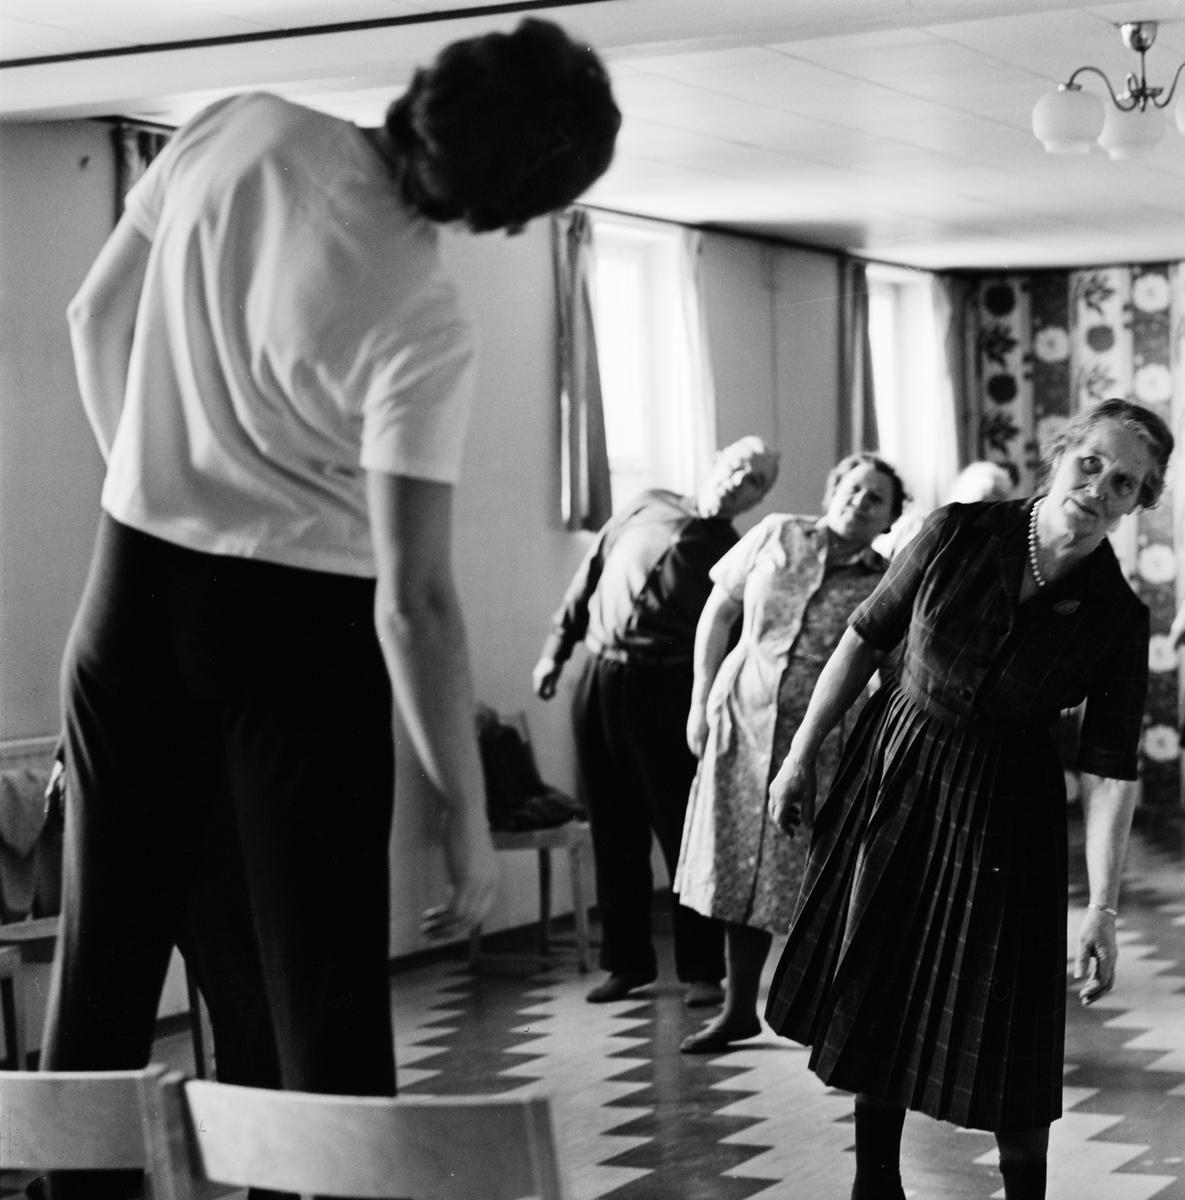 Gunborg Wik leder pensionärsgymnastiken i ABF:s lokal, Årstagatan 20